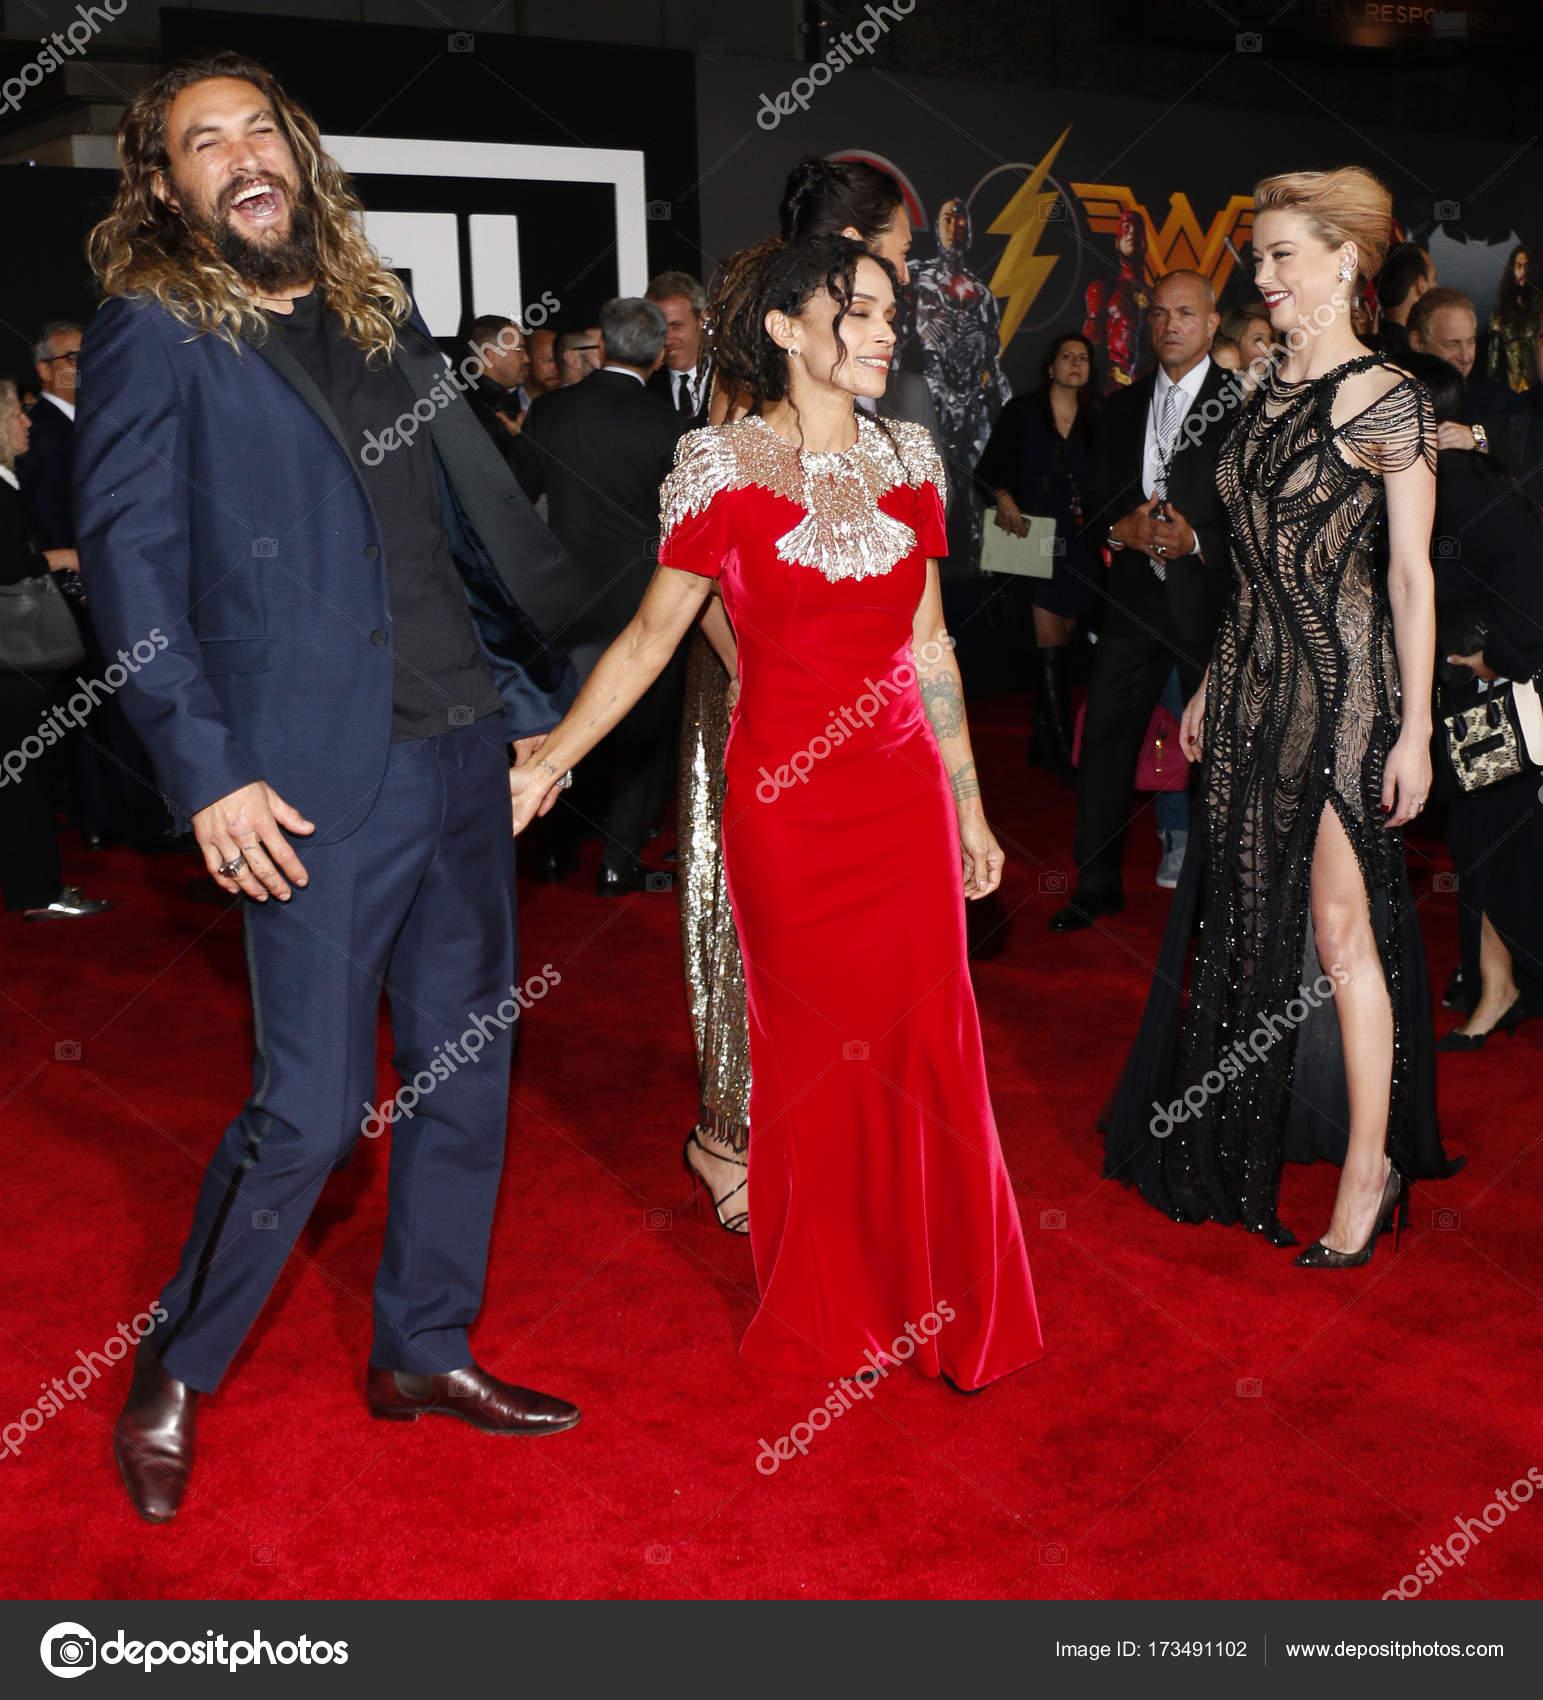 Jason Momoa And Lisa Bonet Had Secret Wedding: Attori Jason Momoa, Lisa Bonet E Amber Heard